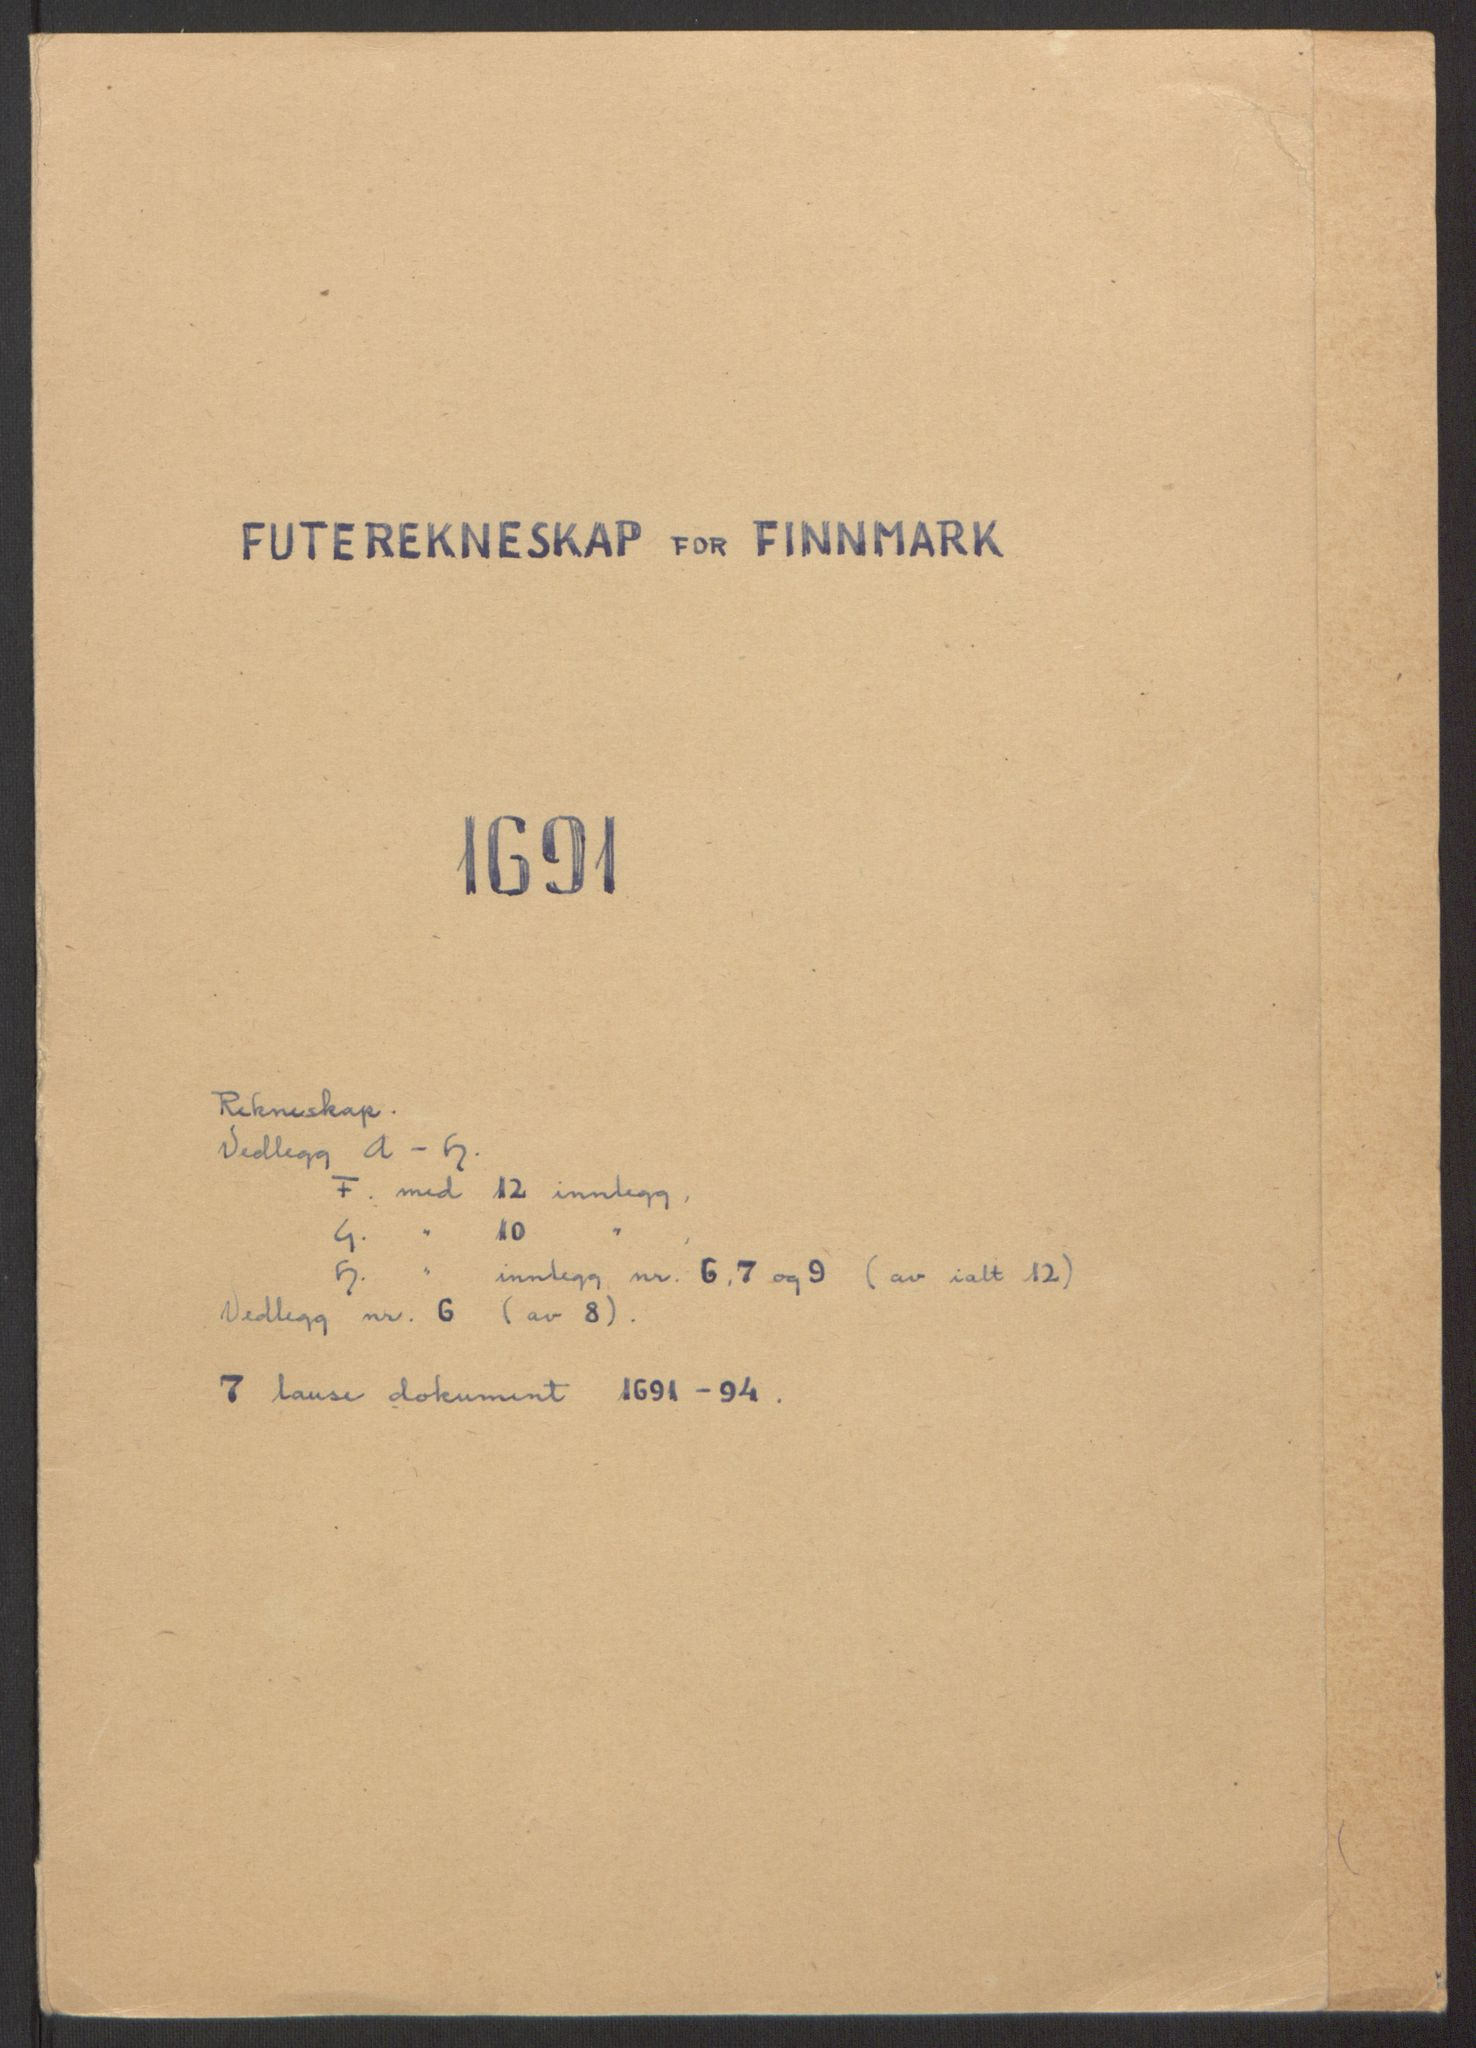 RA, Rentekammeret inntil 1814, Reviderte regnskaper, Fogderegnskap, R69/L4851: Fogderegnskap Finnmark/Vardøhus, 1691-1700, s. 2